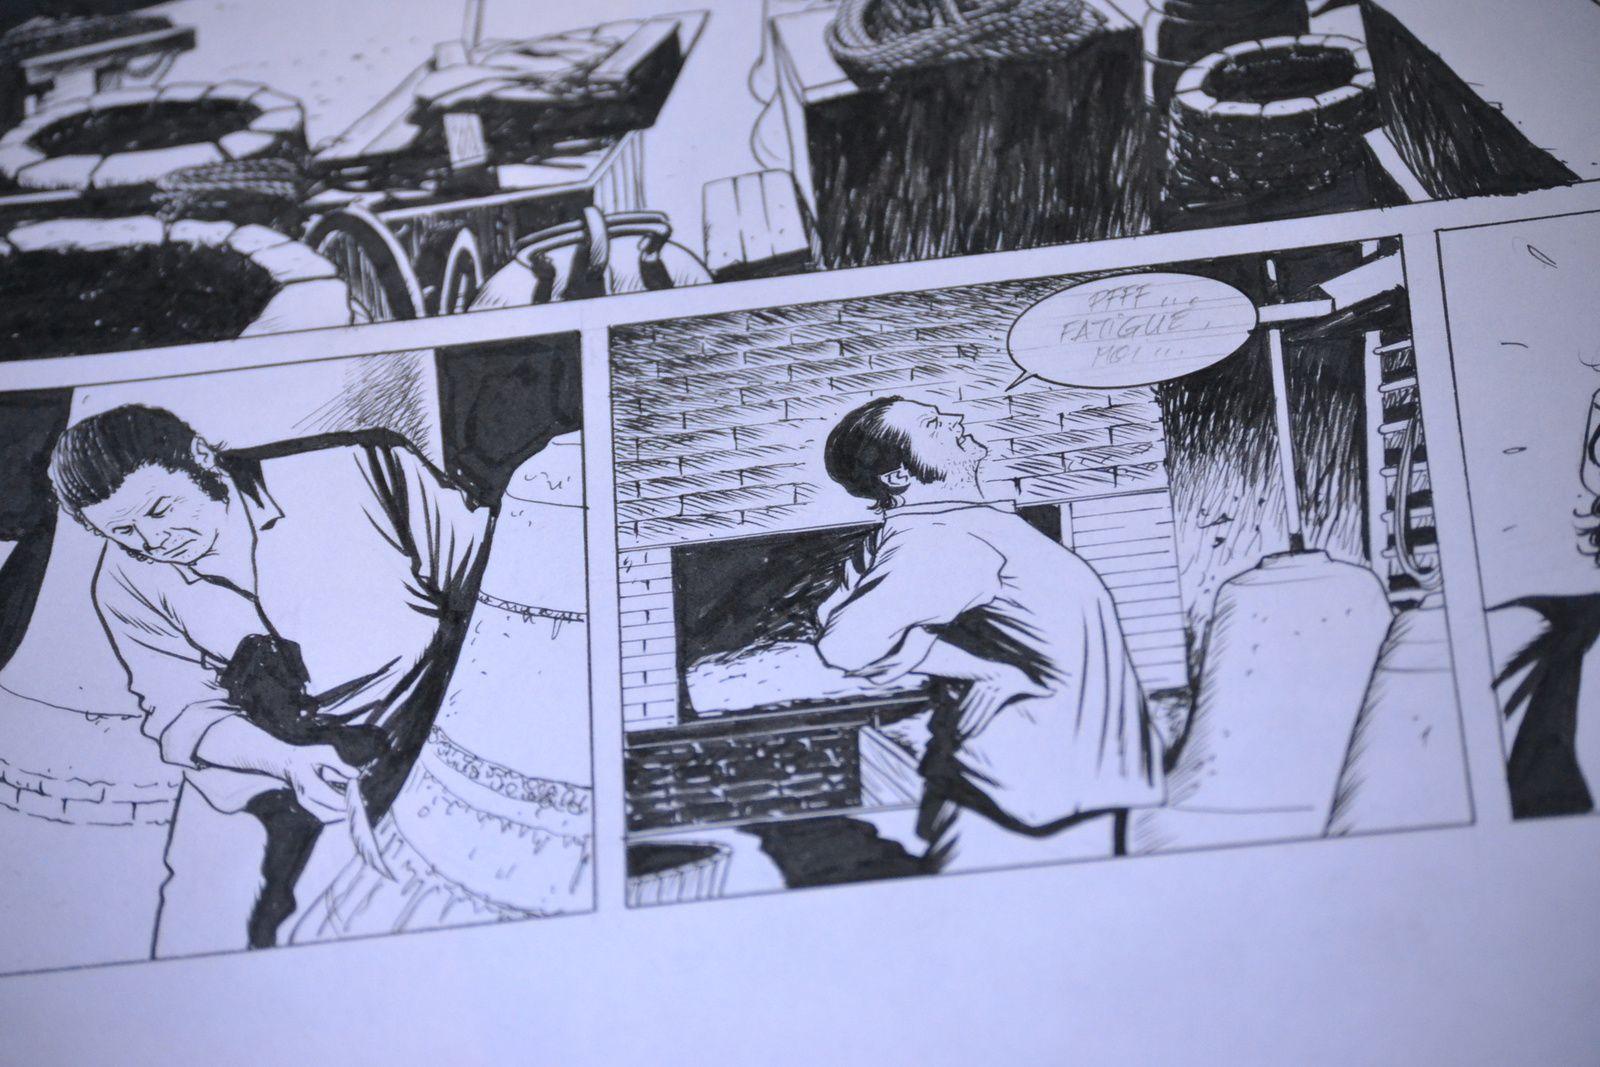 Les Maîtres-Saintiers tome 2, avancement des travaux et dédicaces...